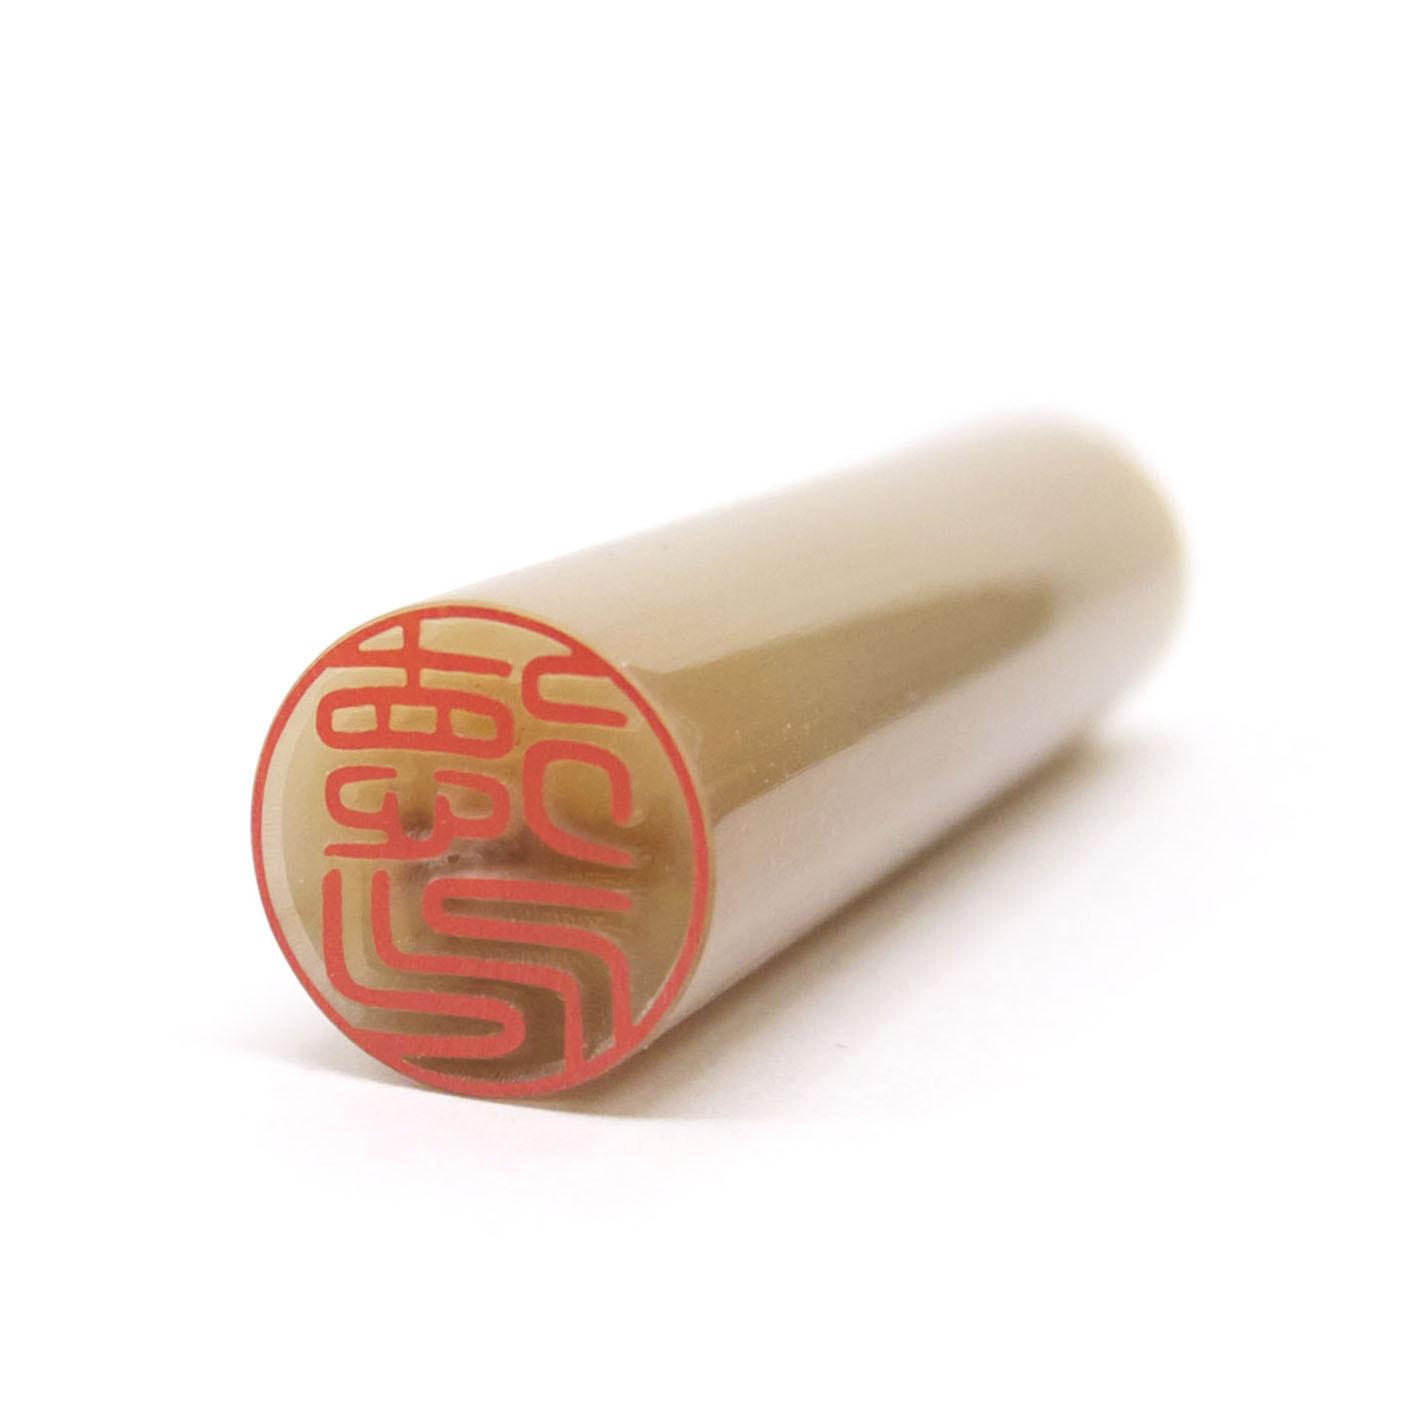 色水牛個人銀行/認印15mm丸(姓または名)